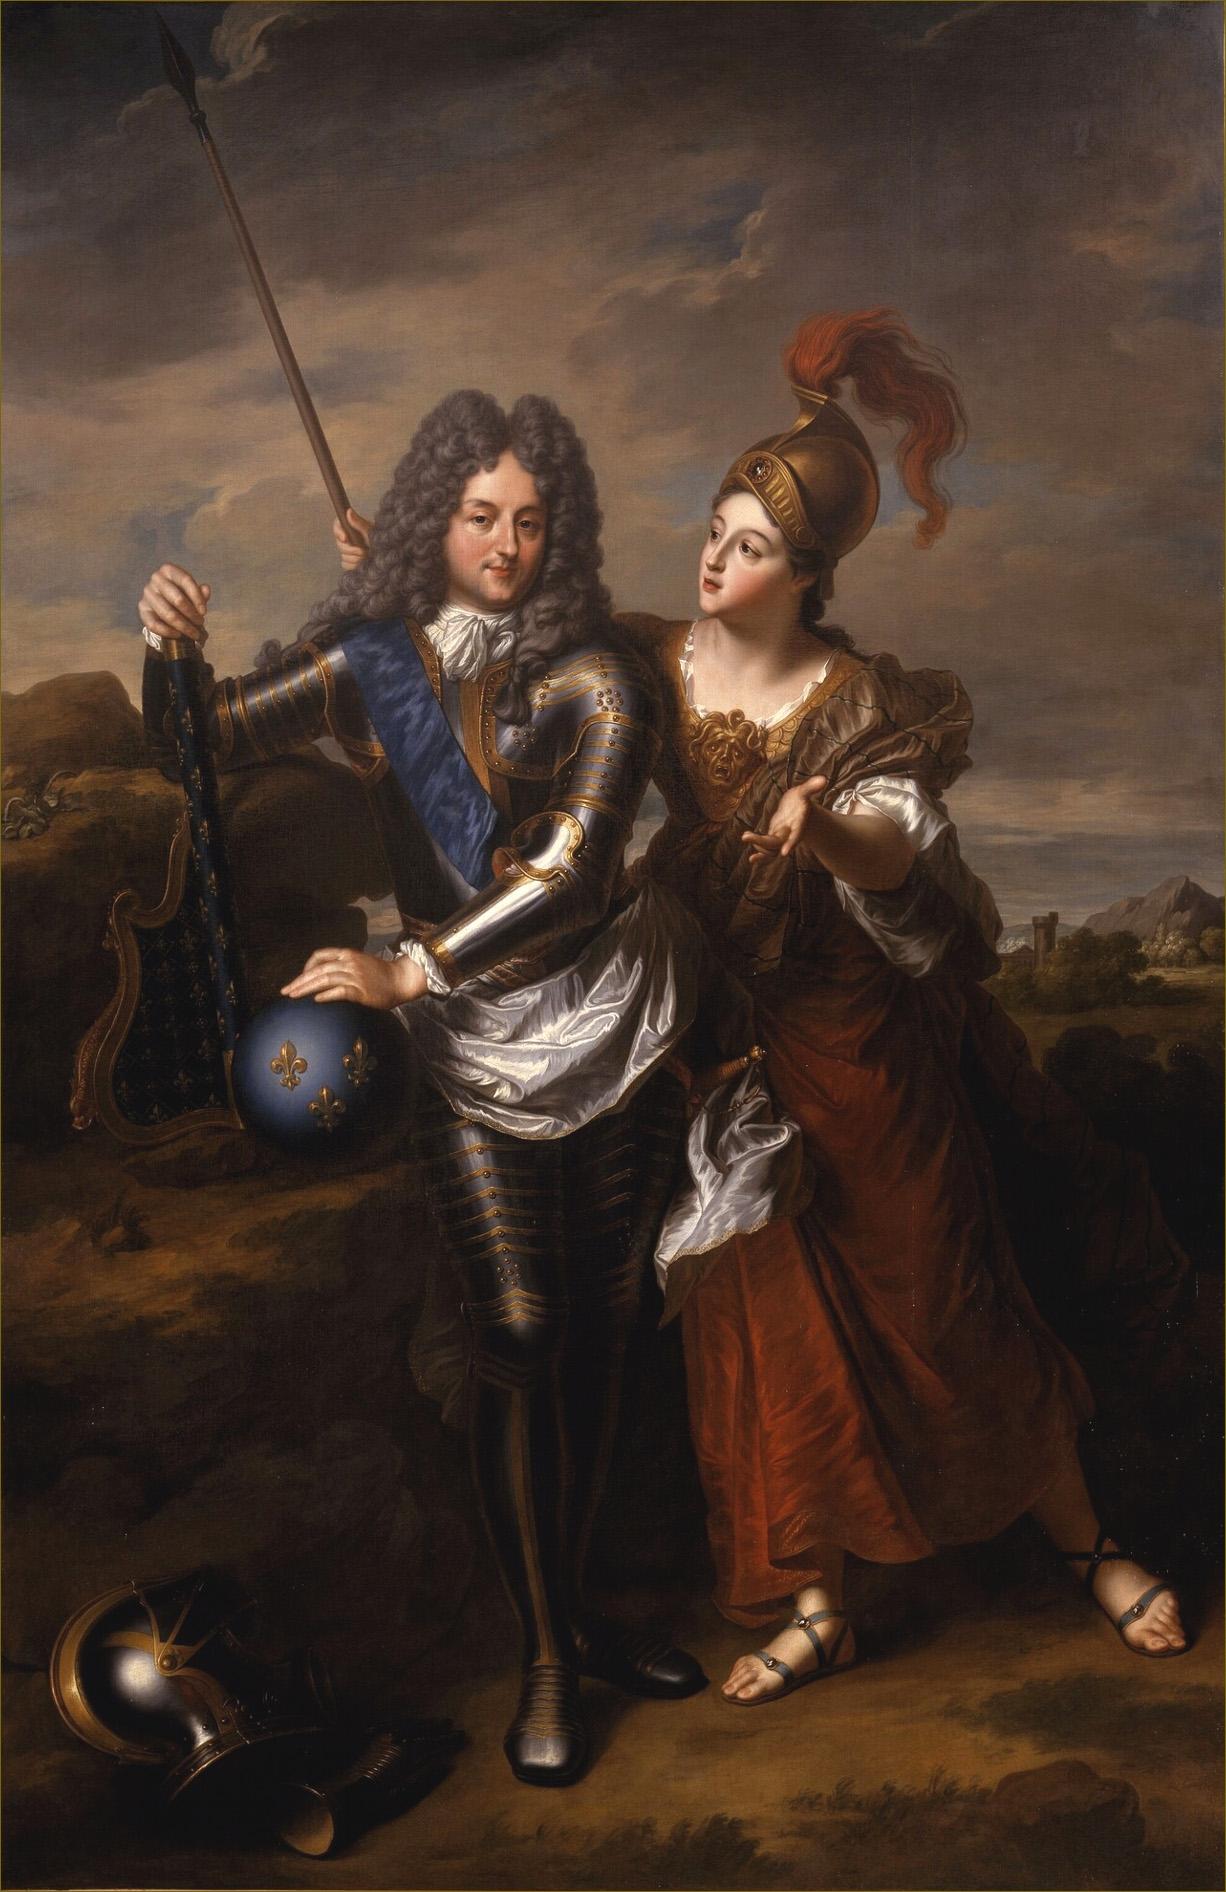 Régence - Wikipedia